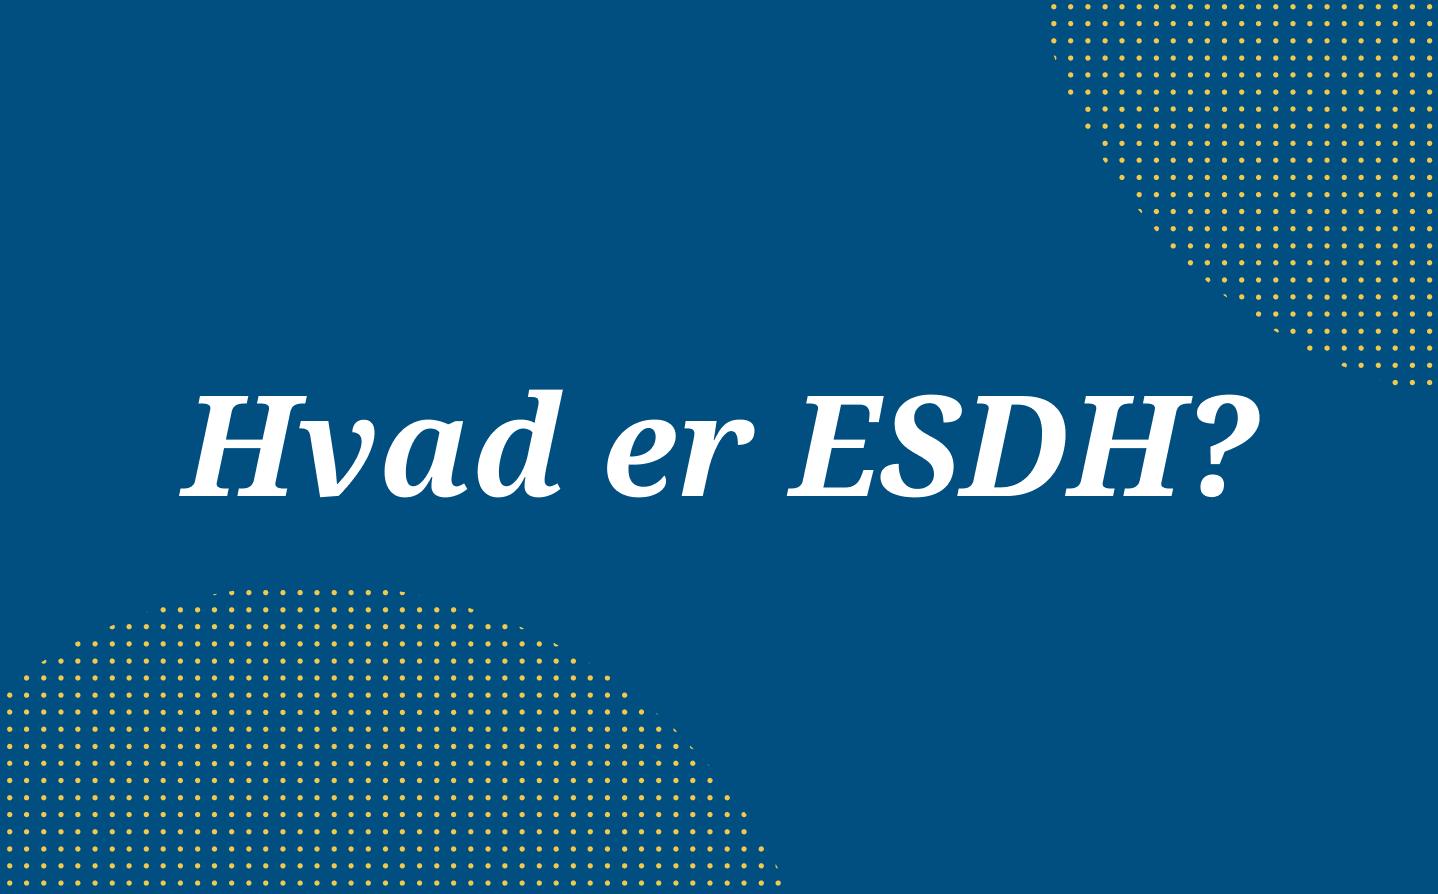 Hvad er ESDH